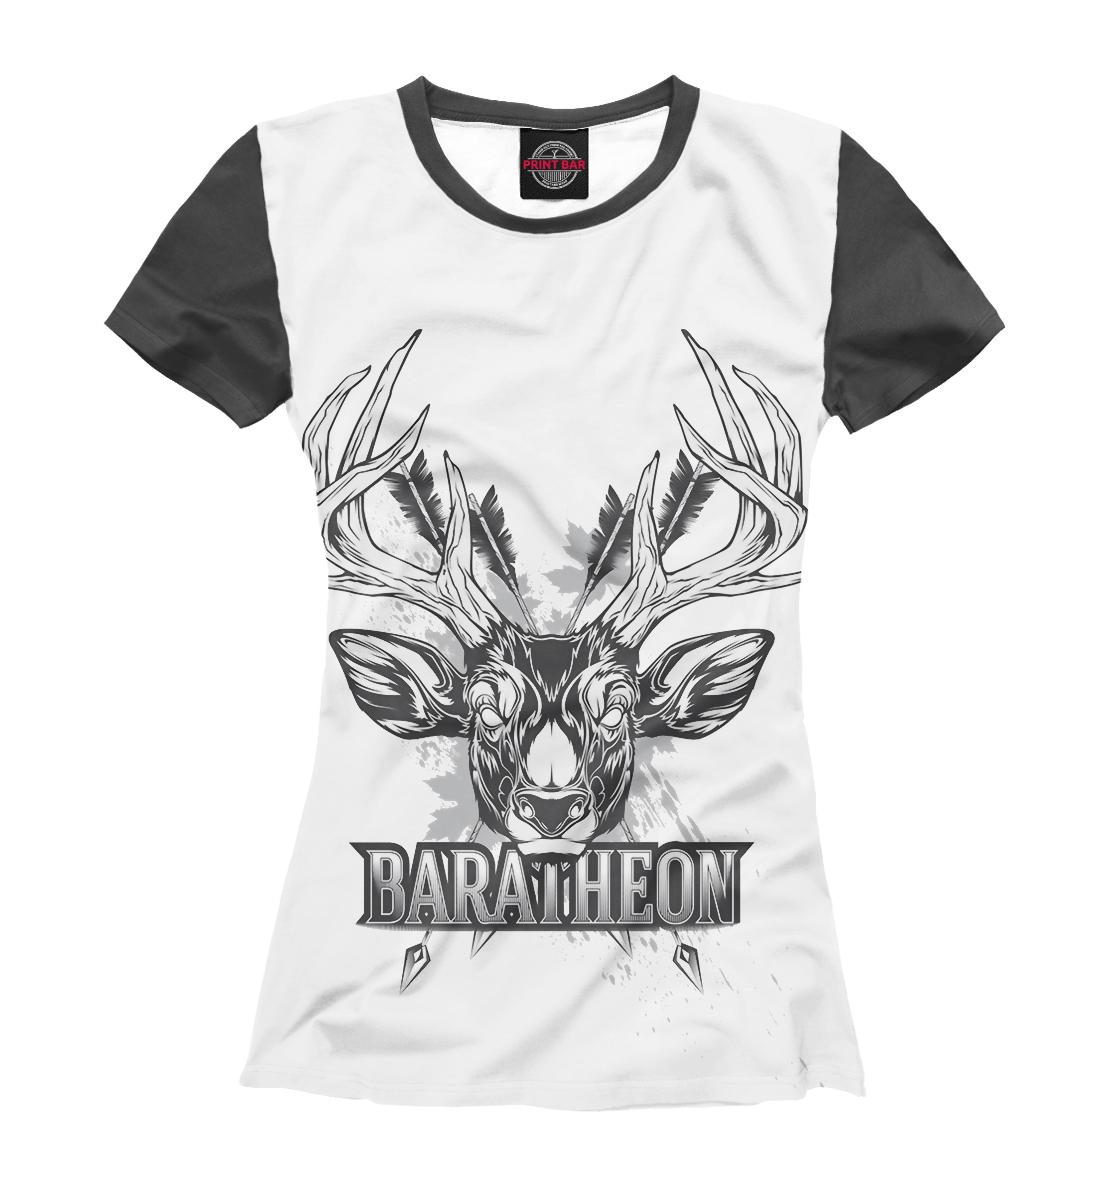 Купить Game of Thrones baratheon, Printbar, Футболки, IGR-412238-fut-1